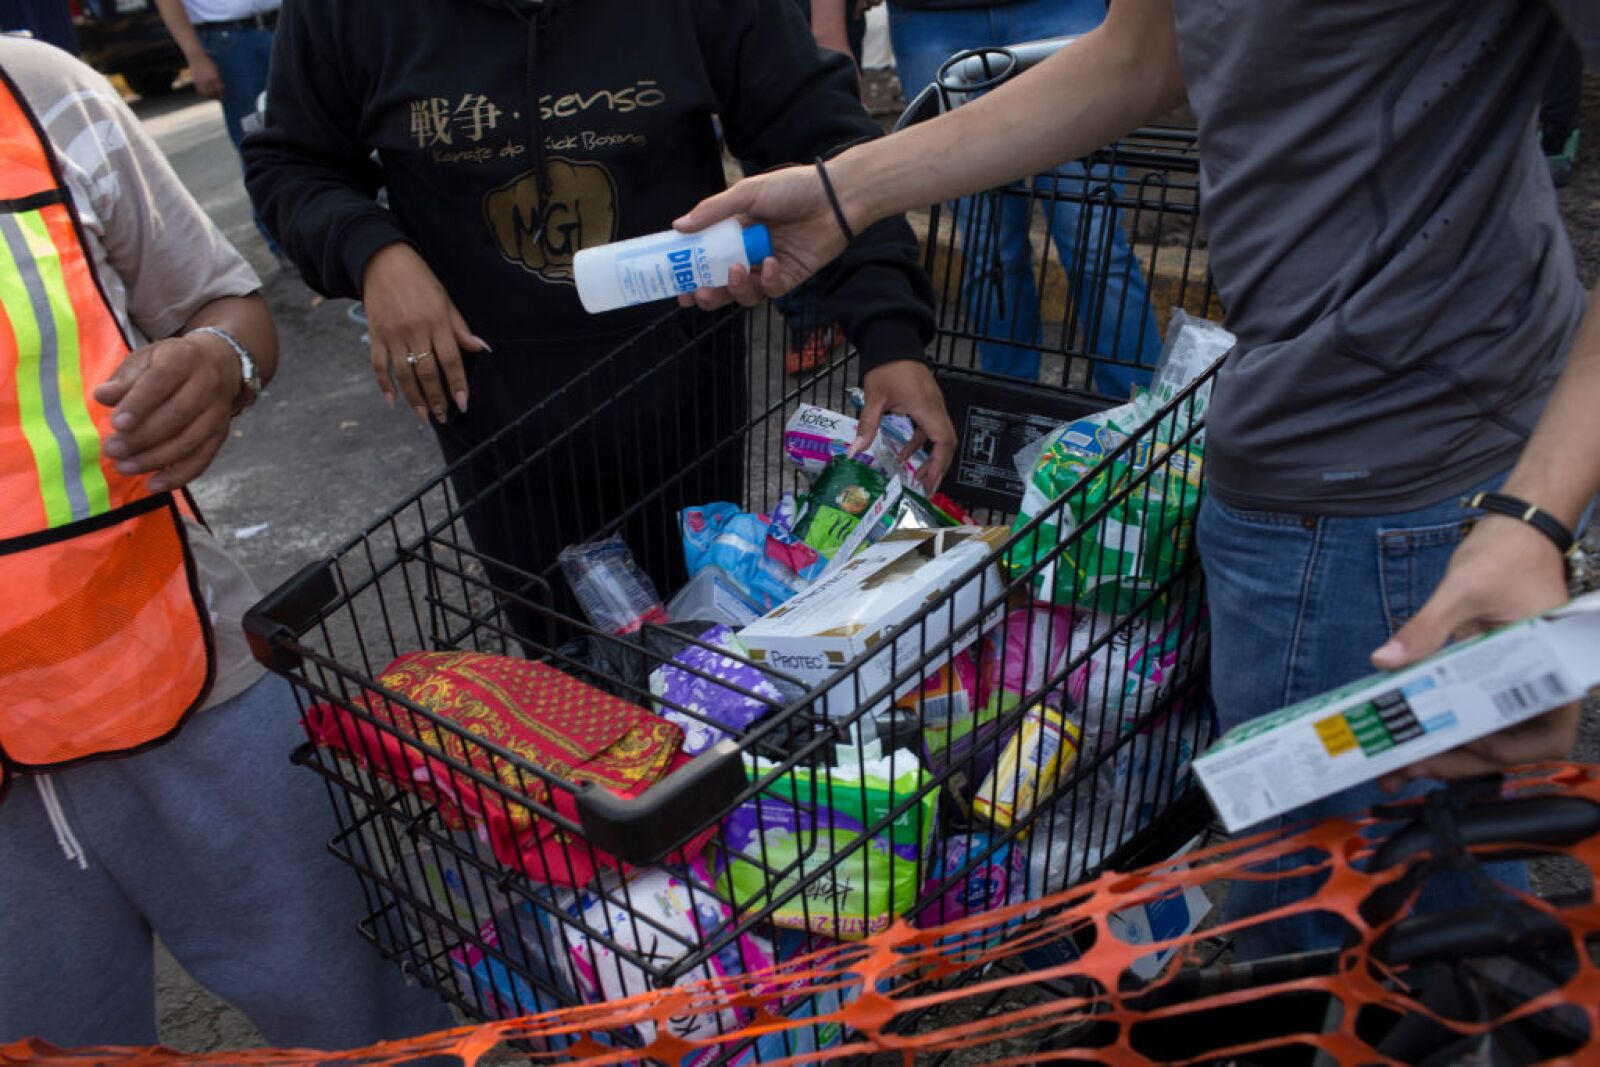 Apoyo en México después del terremoto del 19 de septiembre